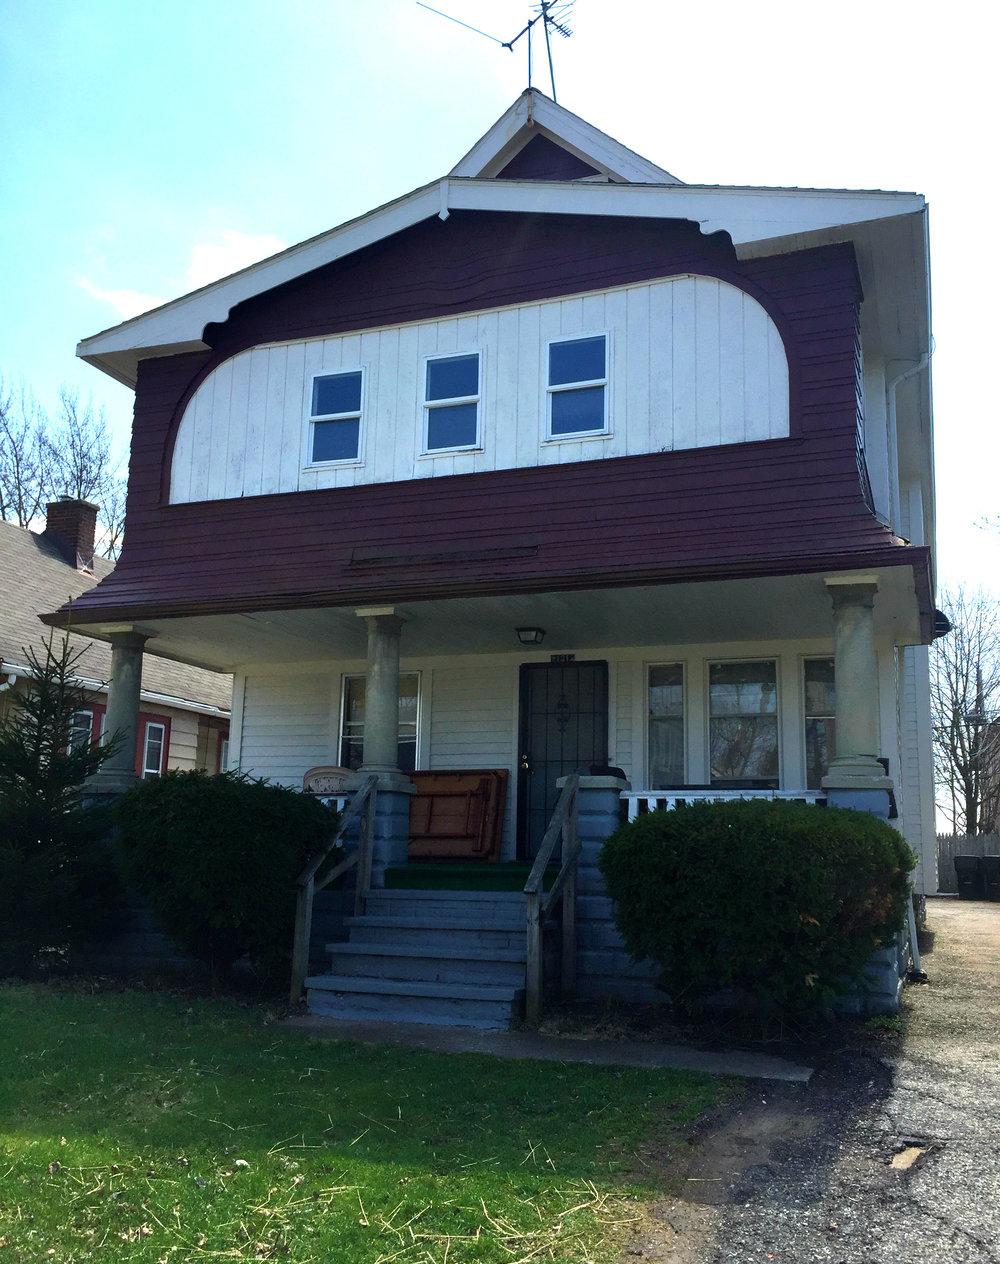 11312 Lardet Ave., Cleveland | 5 bed 3 bath | 1,848 Sq. Ft. | $56,900